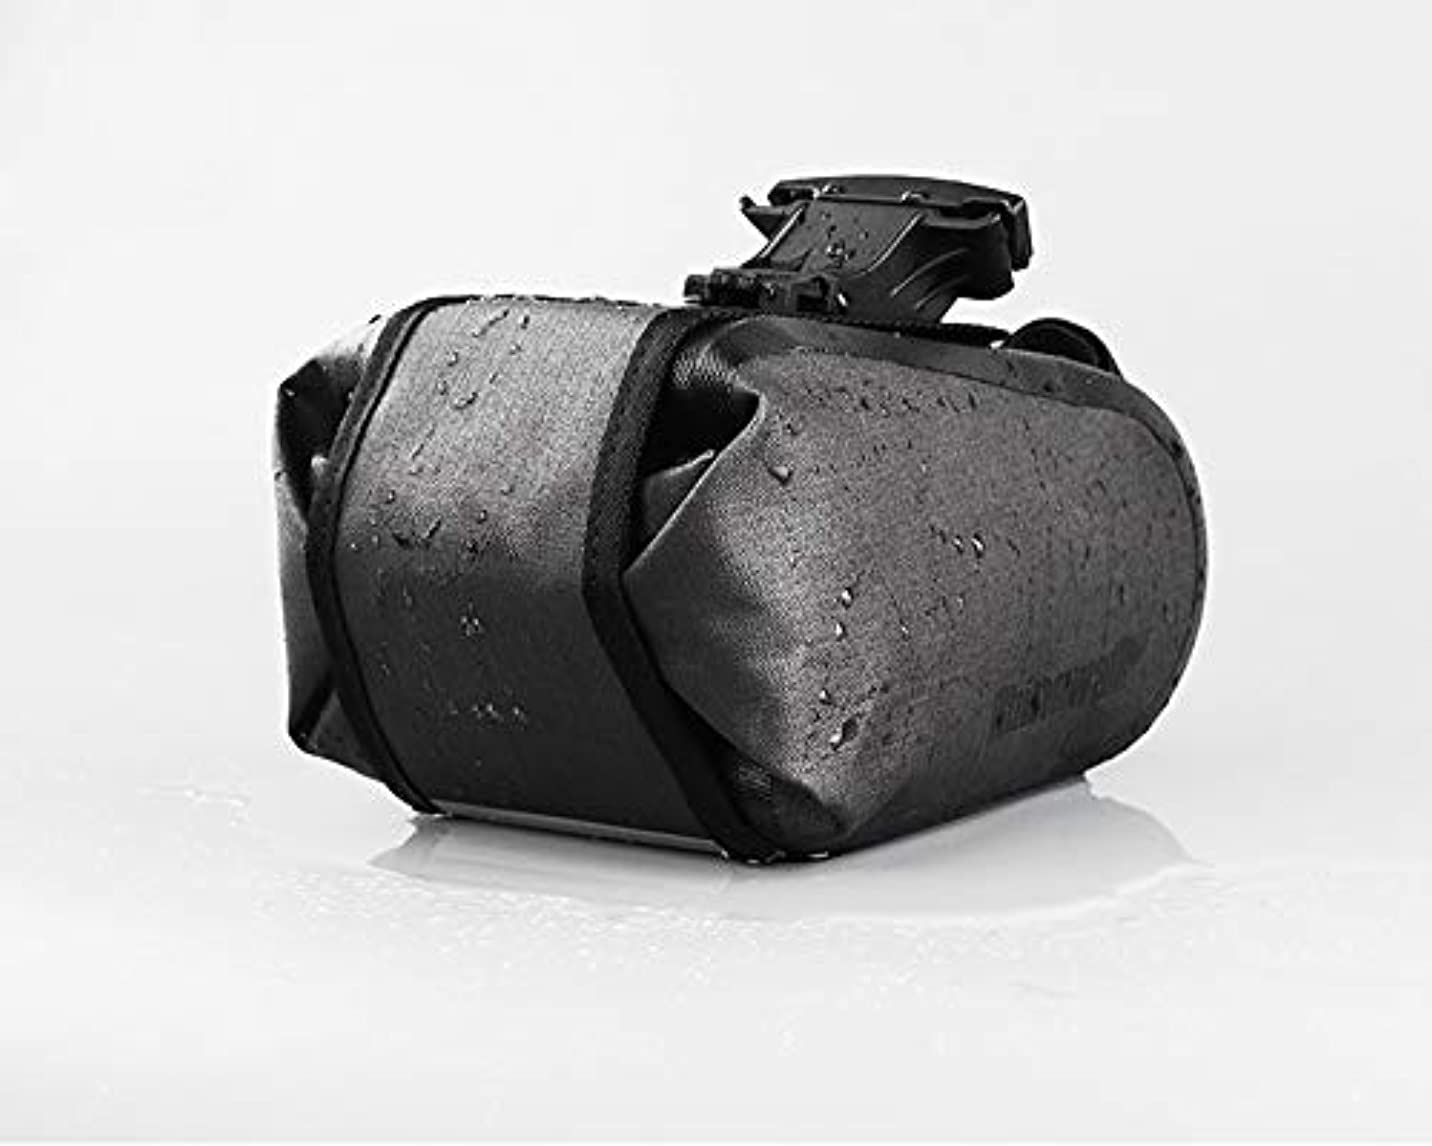 どのくらいの頻度で道徳明らかに防水サドルバッグ完全防水| Jtogo.jp大容量|タフTPUシェルバックル取り付けサイクリングバッグ (Color : Black)